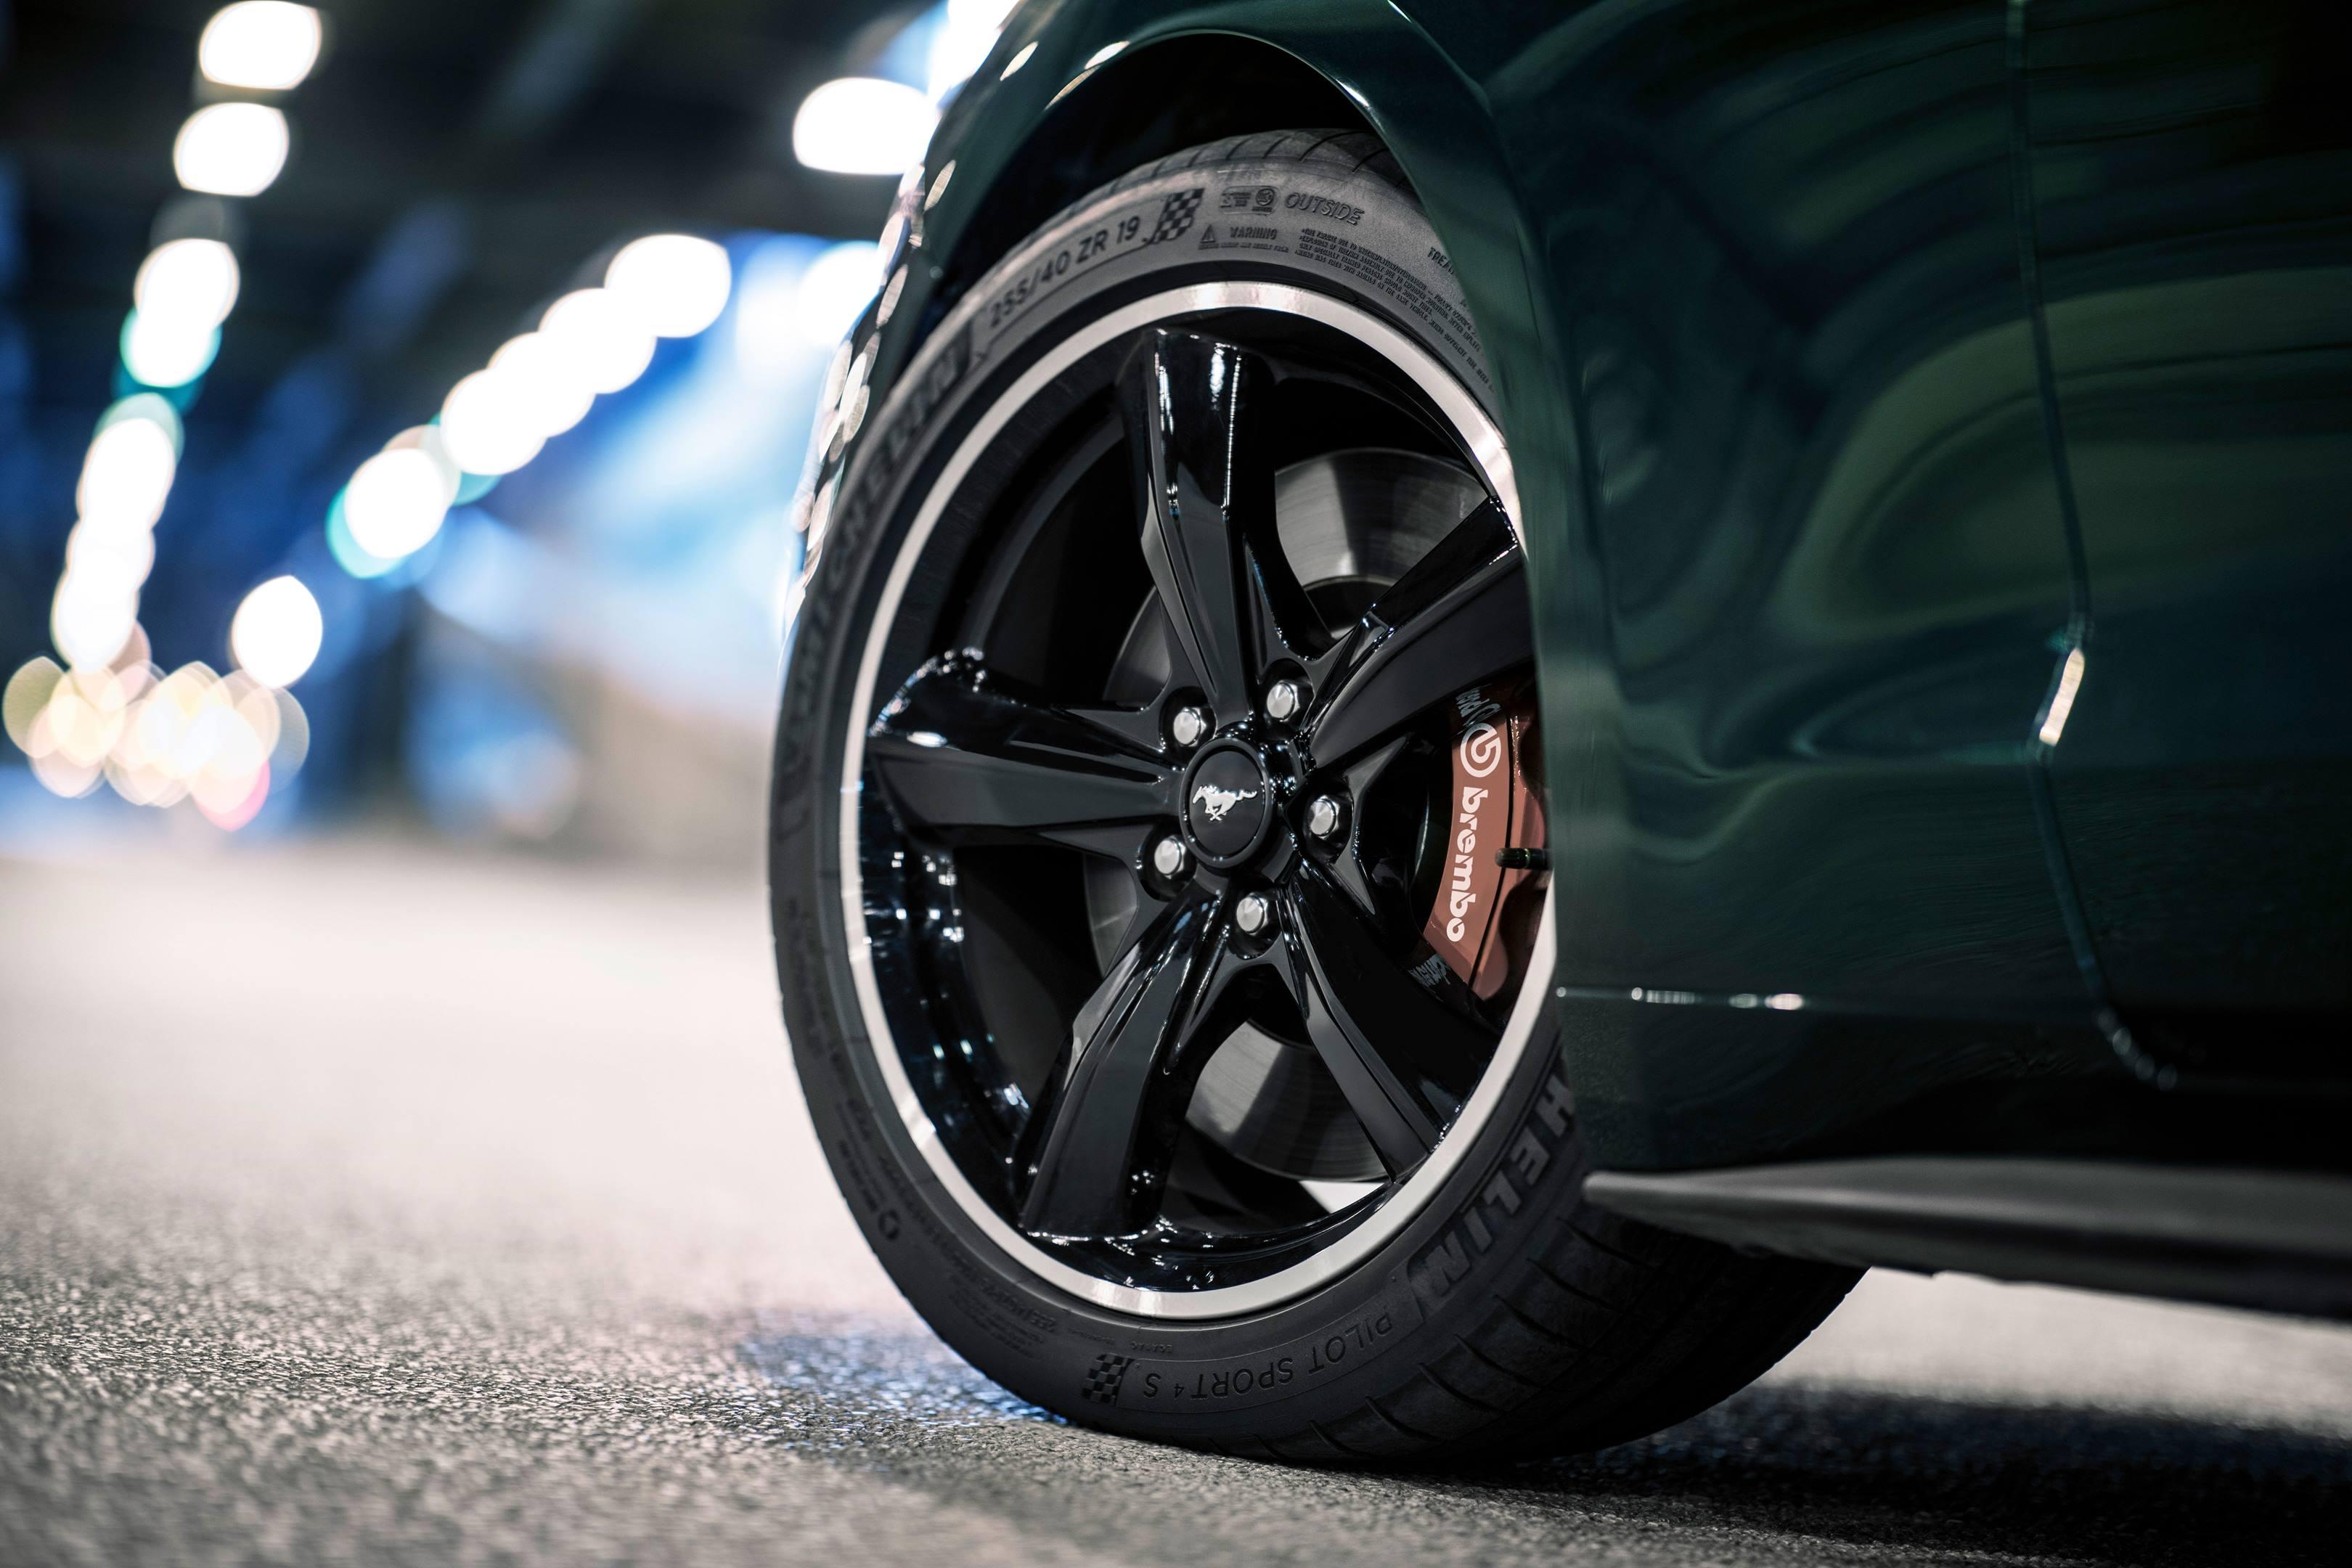 2019 Mustang Bullitt wheel detail